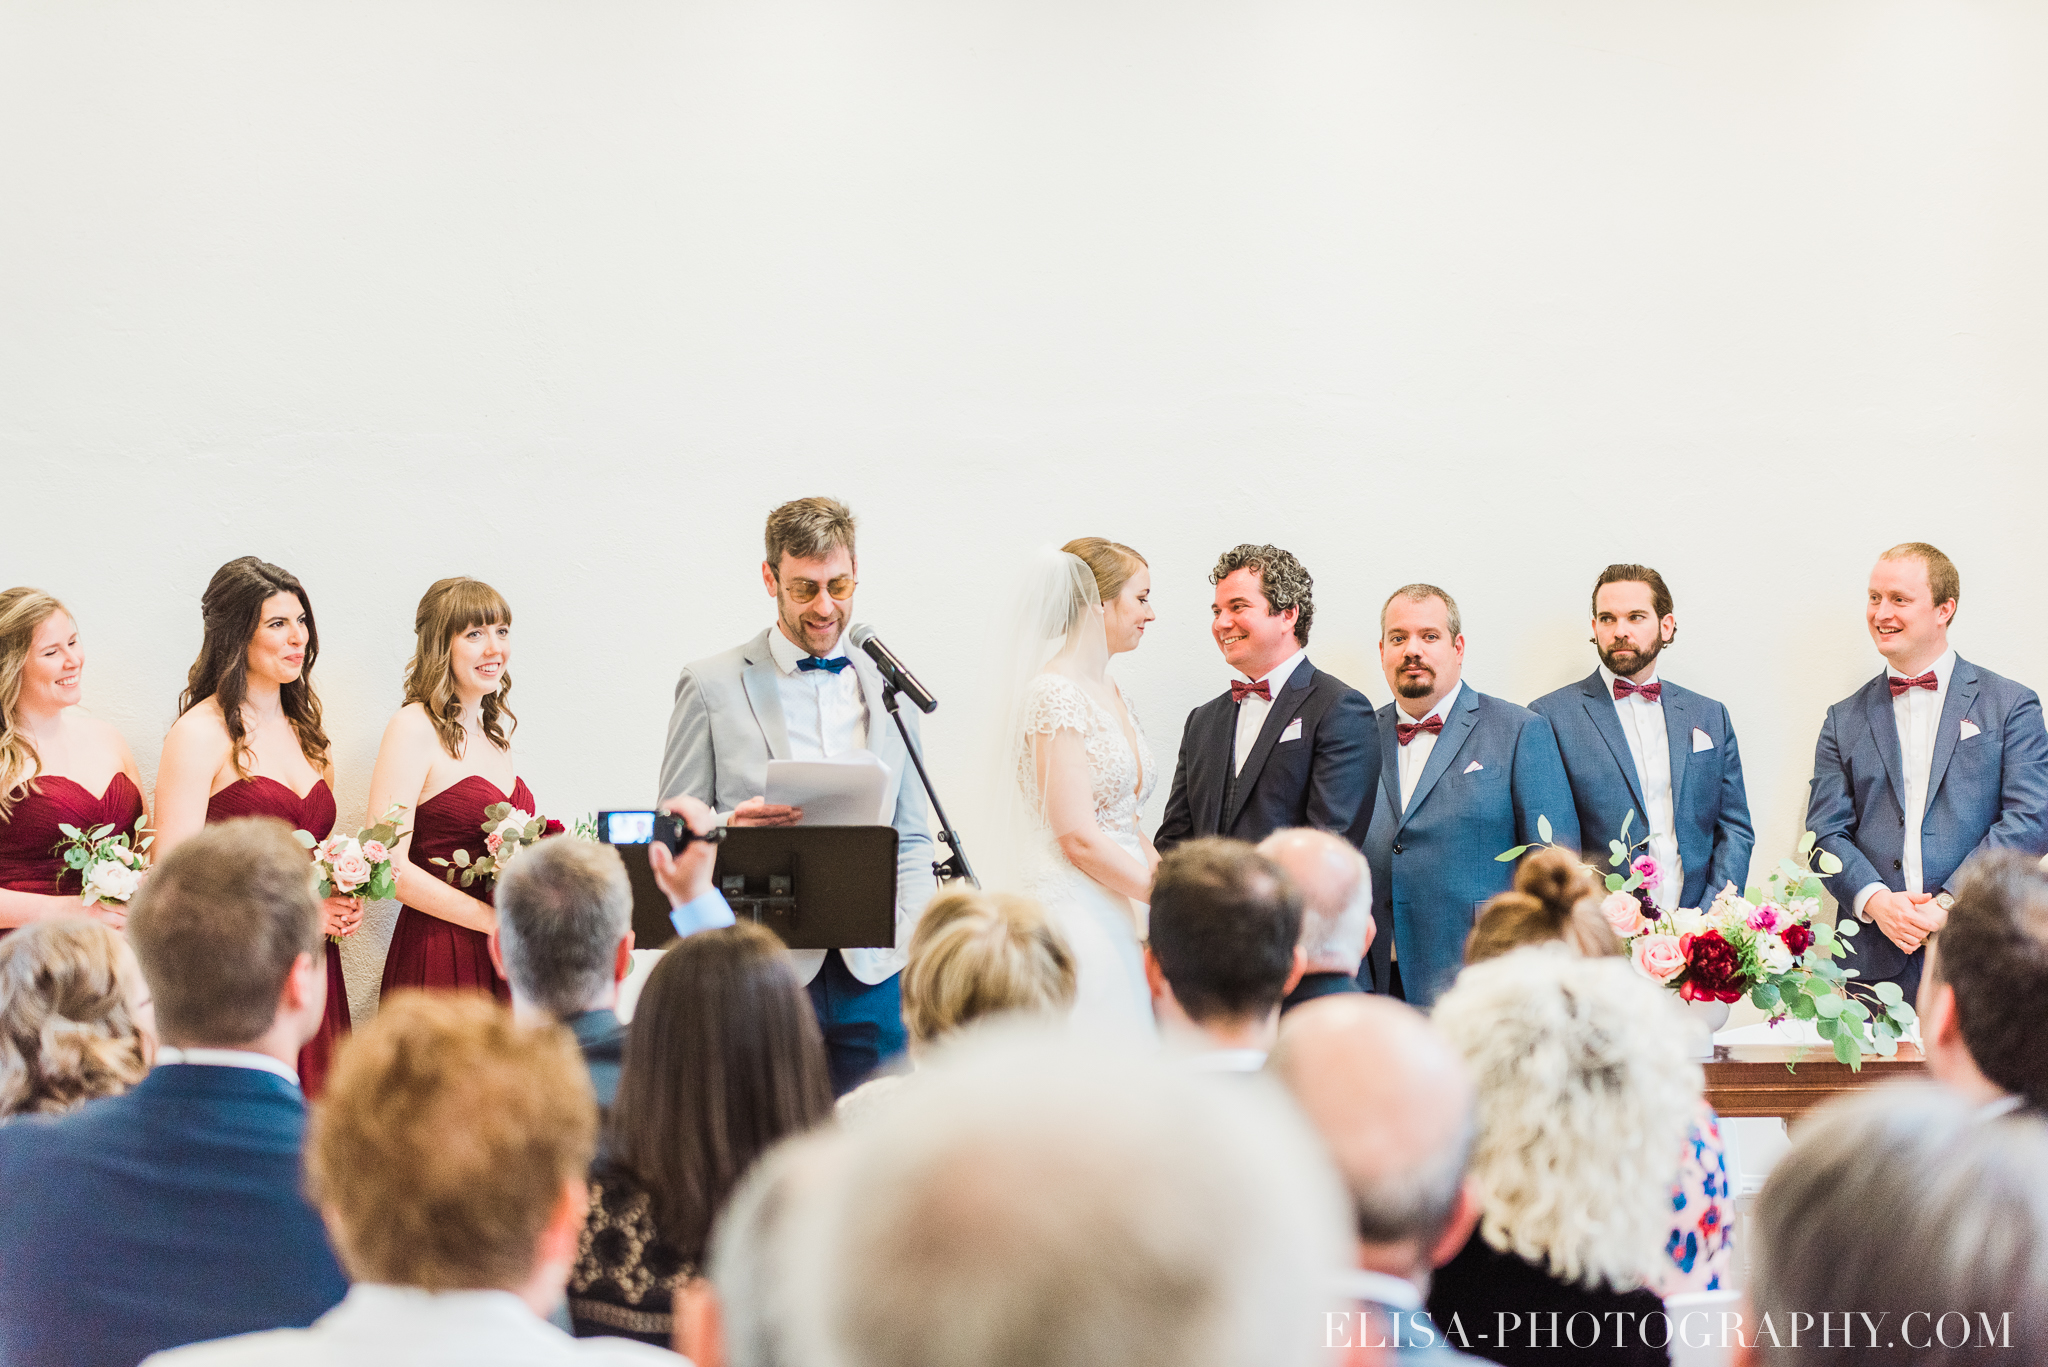 photo mariage ceremonie lifestyle domaine cataraqui pluie atelier peintre 0388 - Mariage élégant et discret au coeur du magnifique Domaine Cataraqui, Québec